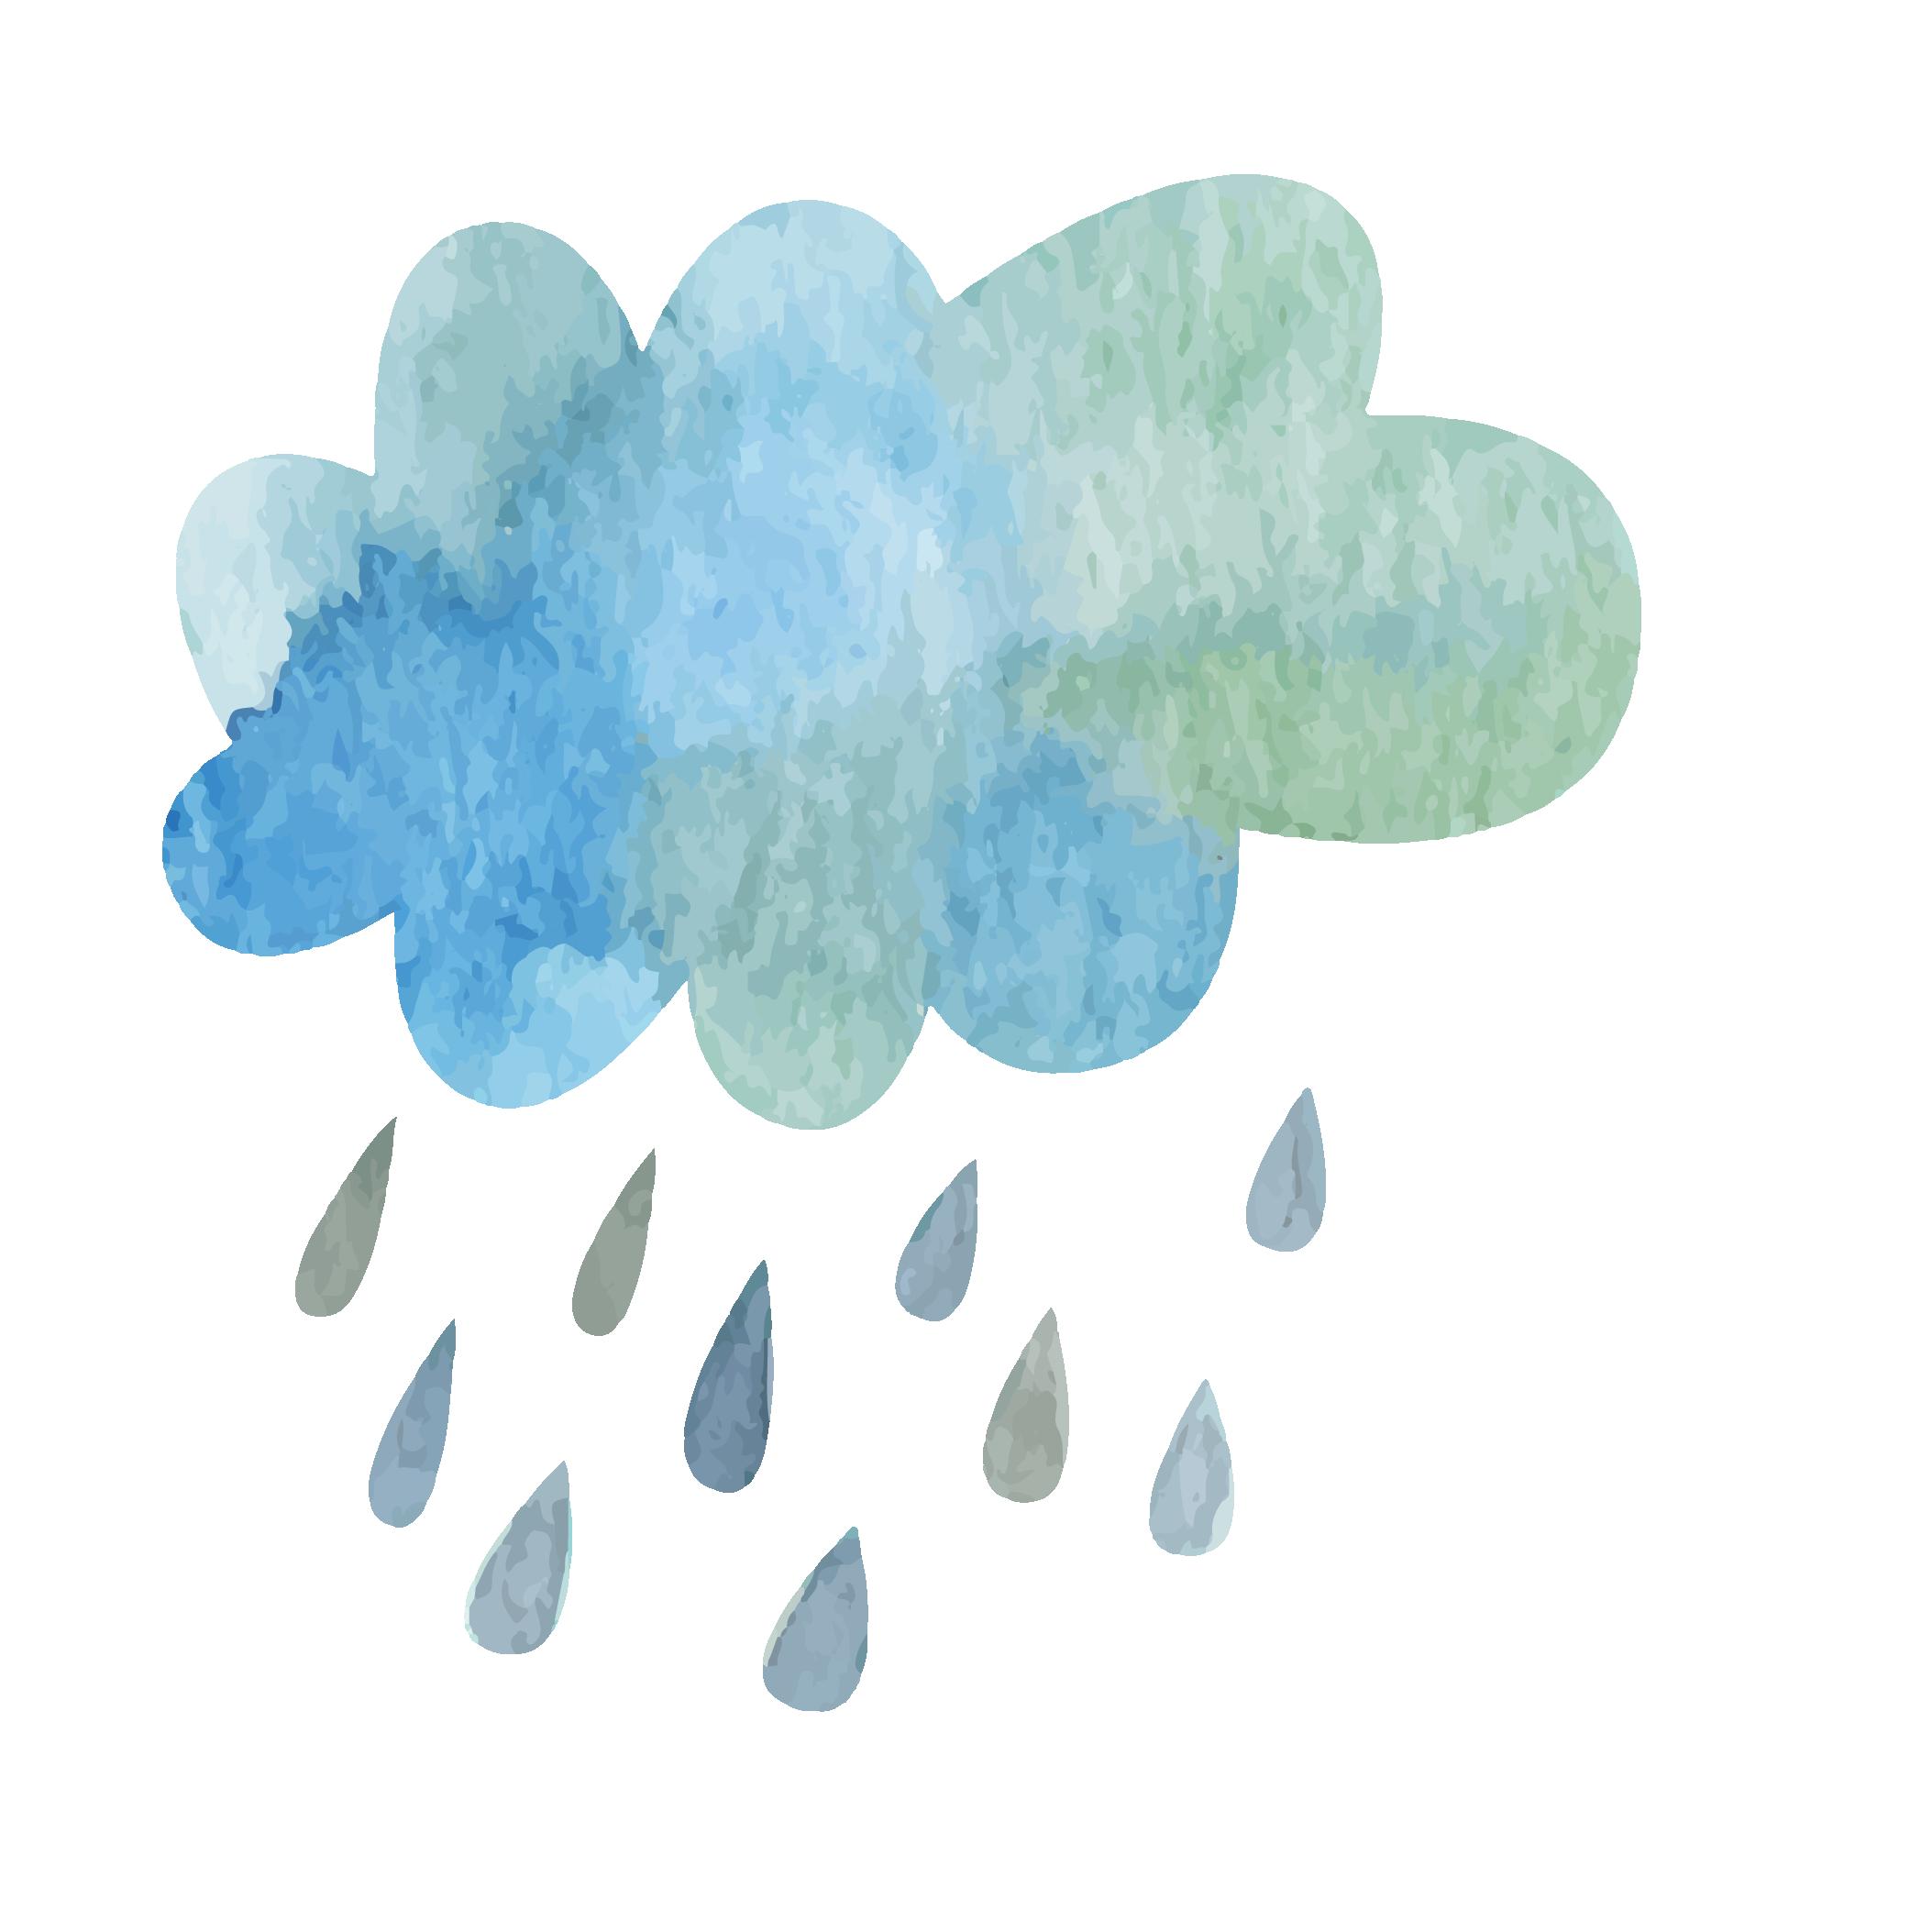 watercolor rain at getdrawings  free download